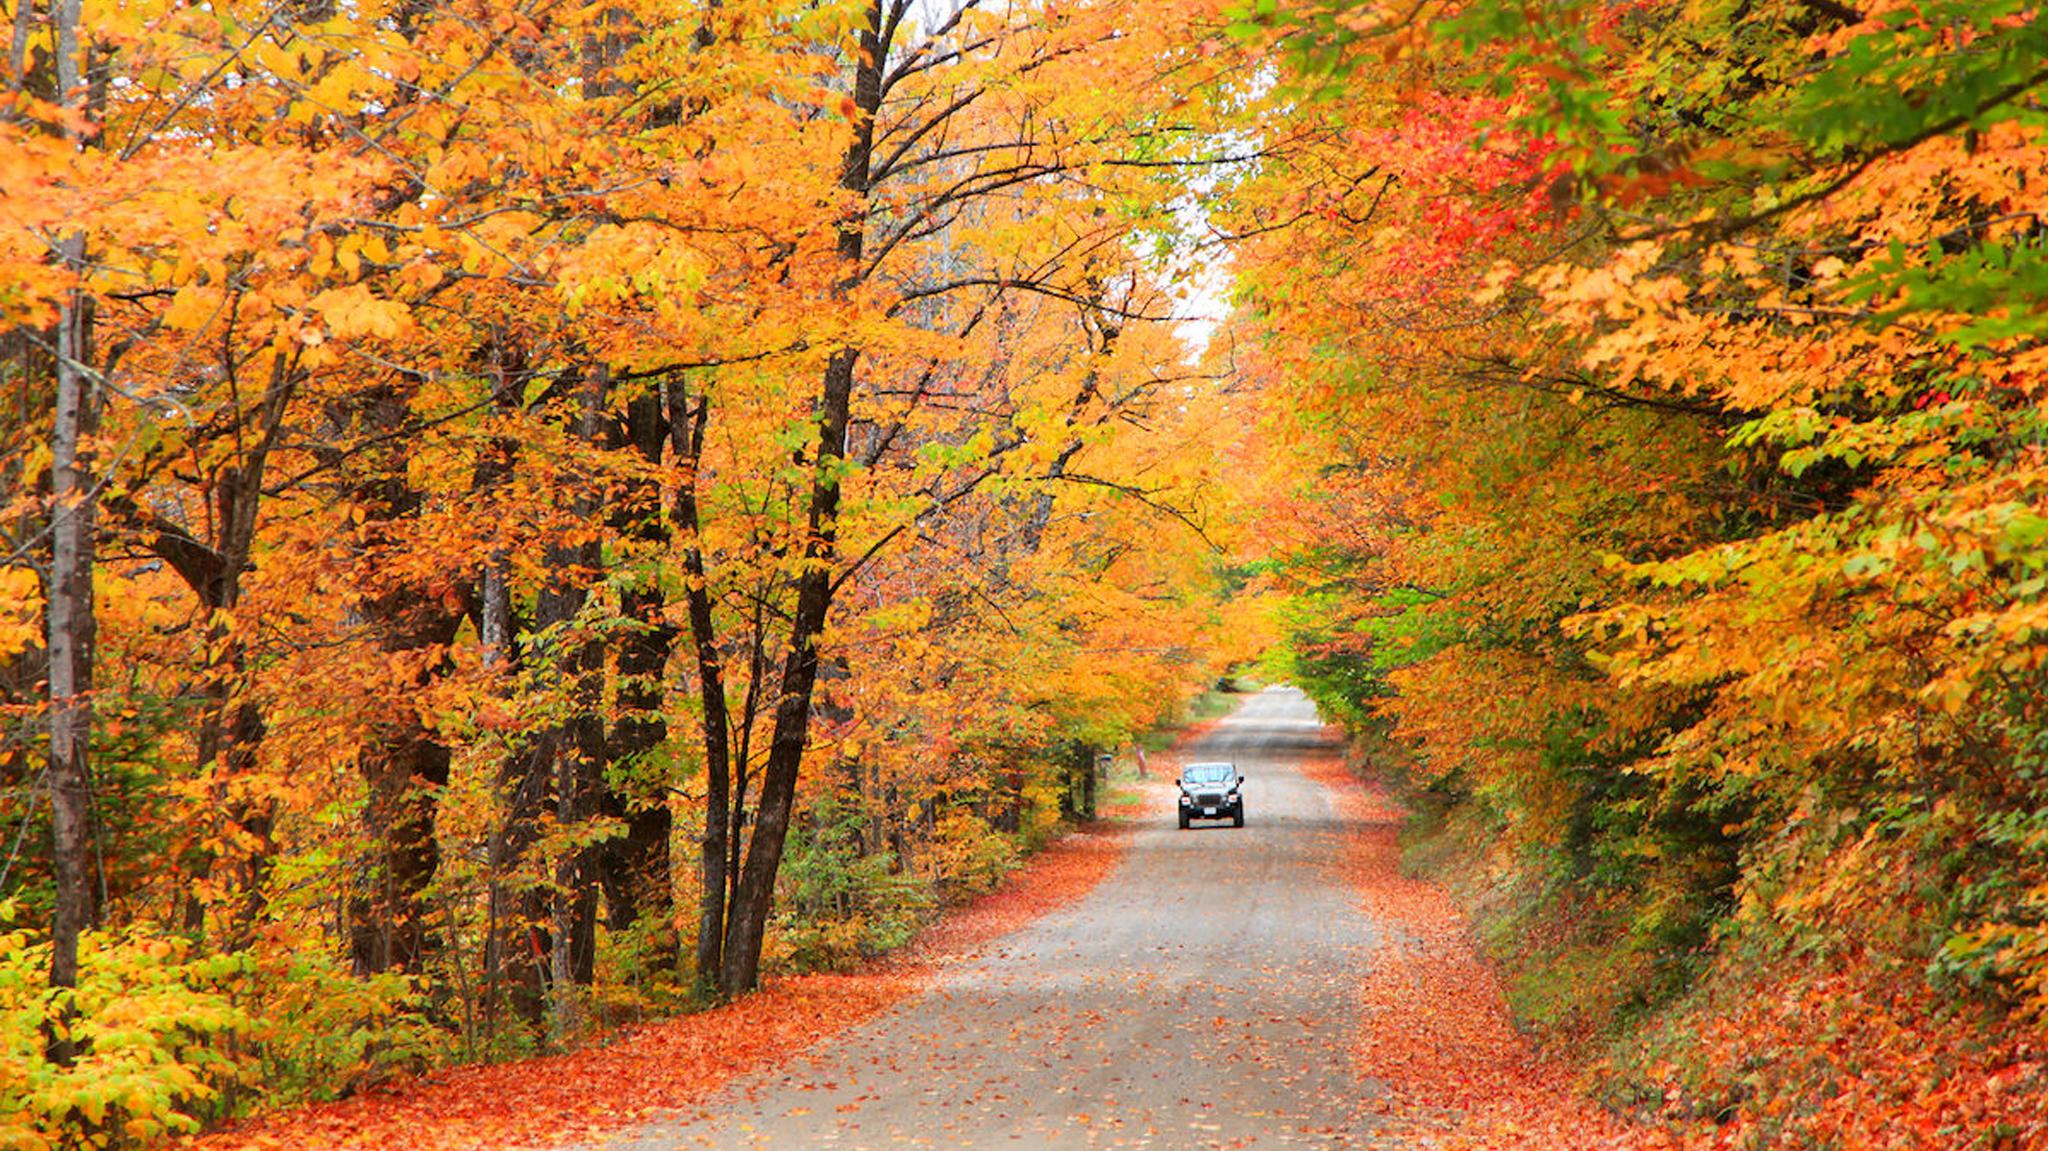 Wrangler In Fall Foliage